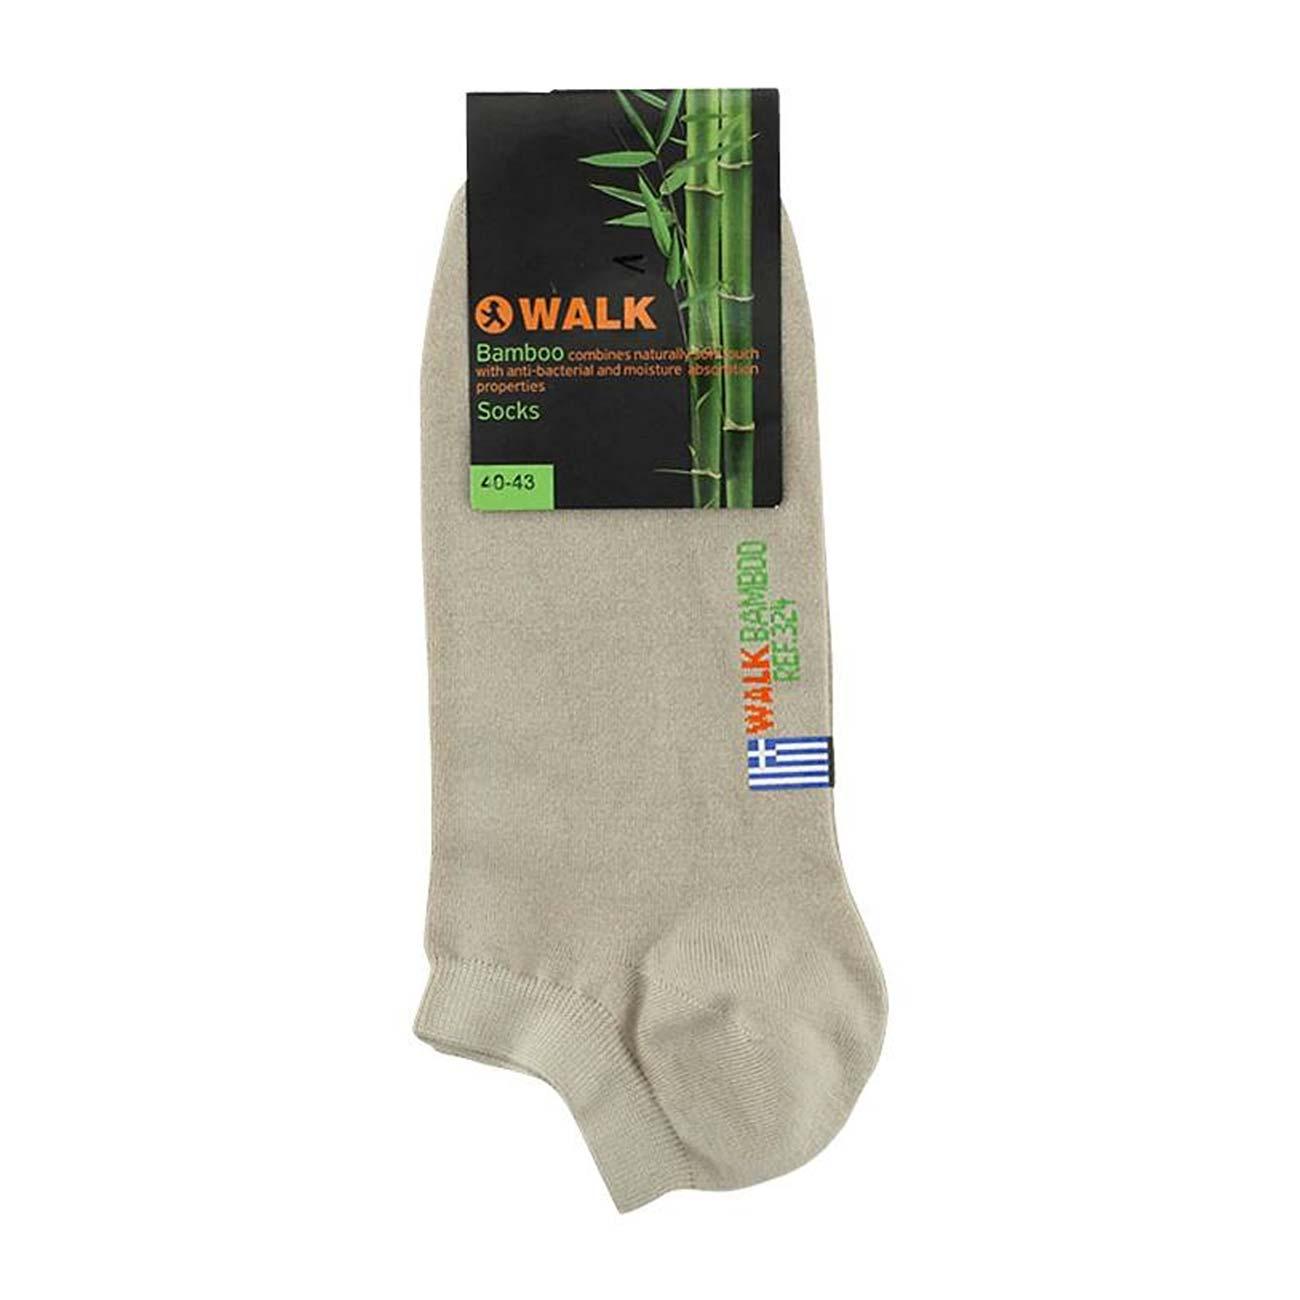 Κάλτσα τερλίκι Walk -w 324-19 Μπεζ - Μπεζ, 44-46